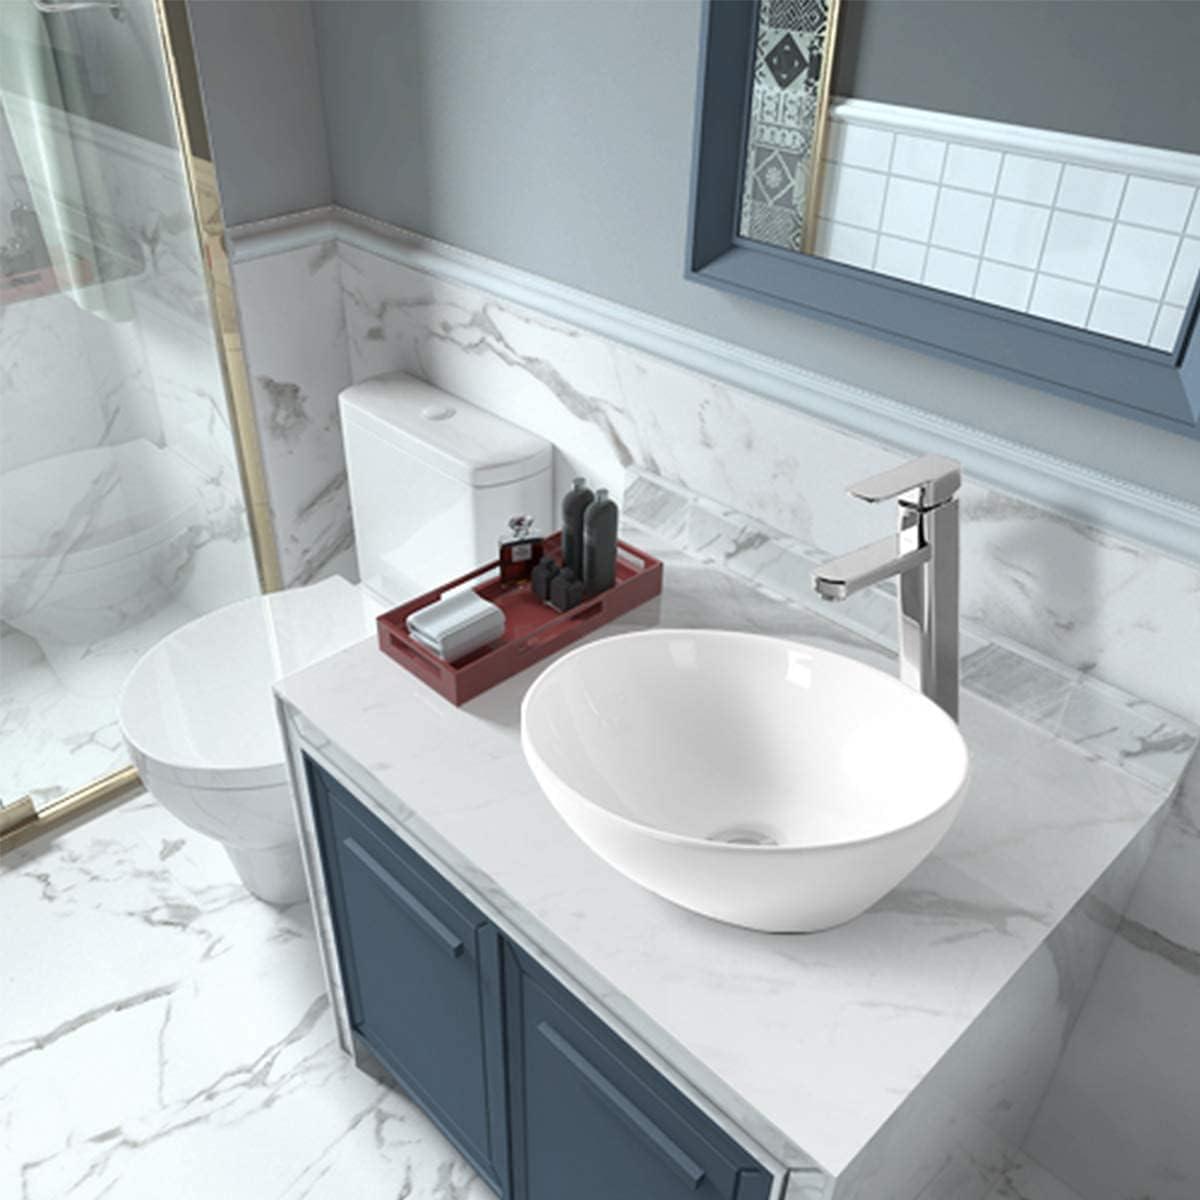 Buy Sinber 16 X 13 White Oval Ceramic Countertop Bathroom Vanity Vessel Sink Online In Taiwan B08t93frg6